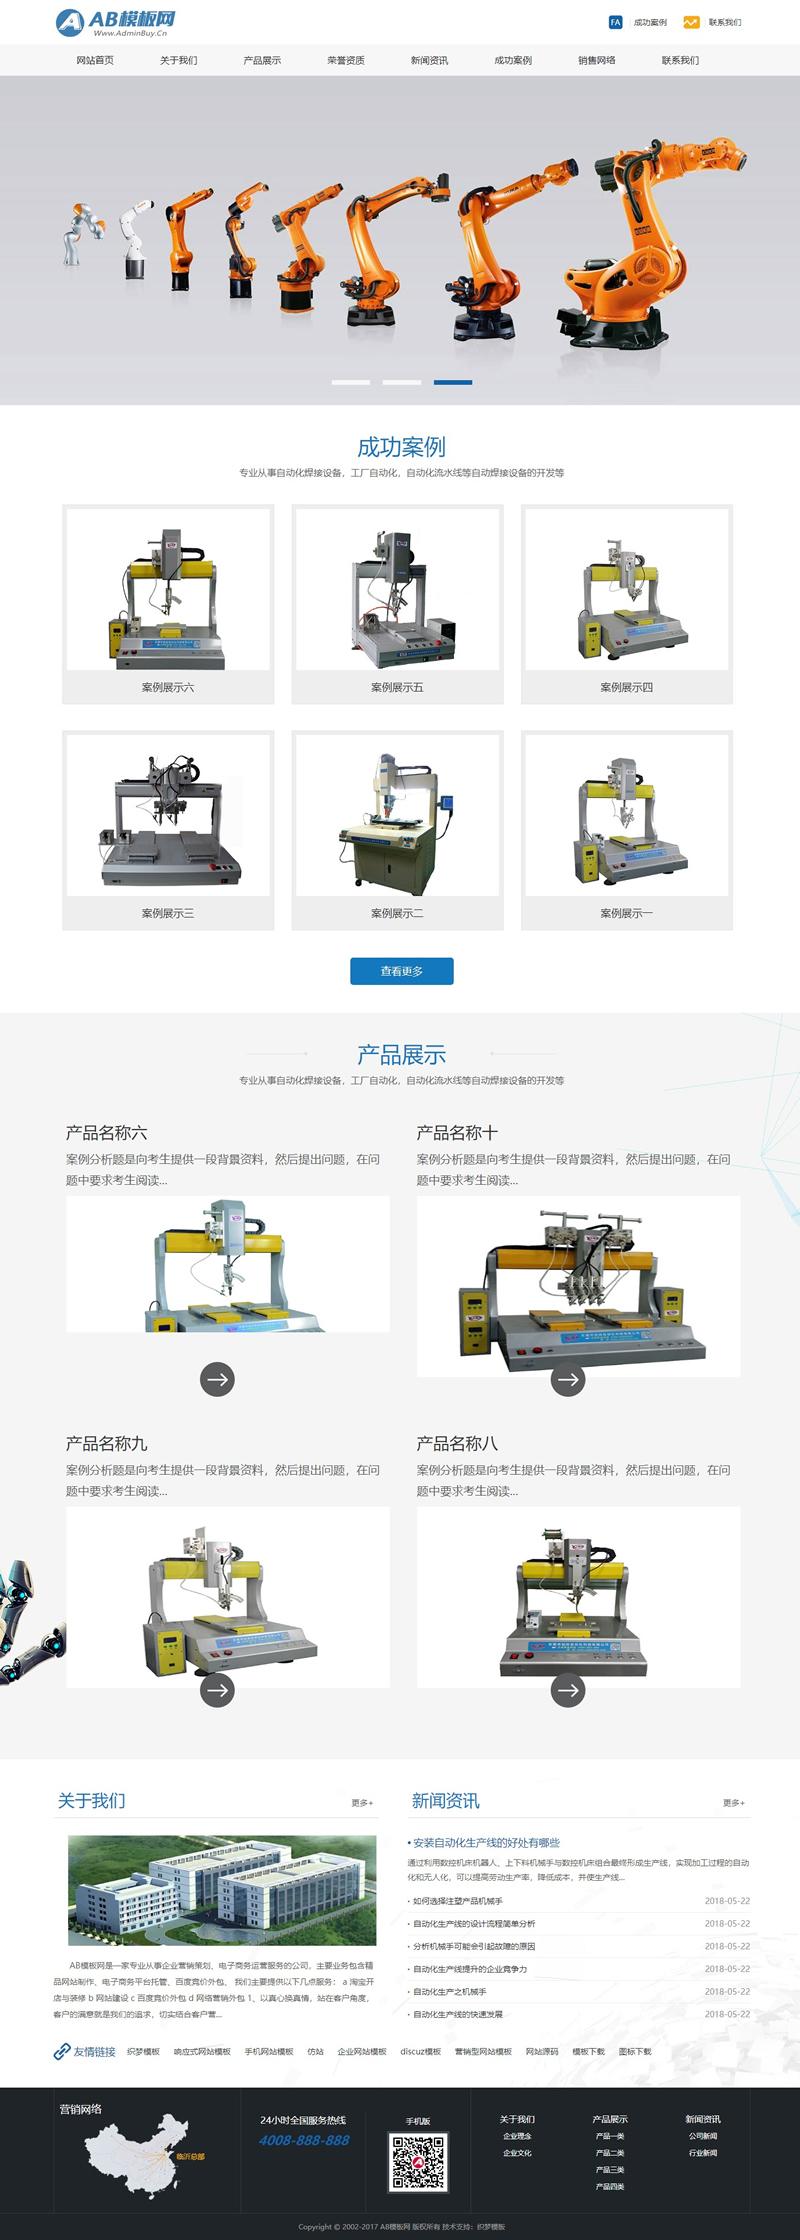 织梦dede模板蓝色自动化机器人网站源码电脑版+手机版数据同步